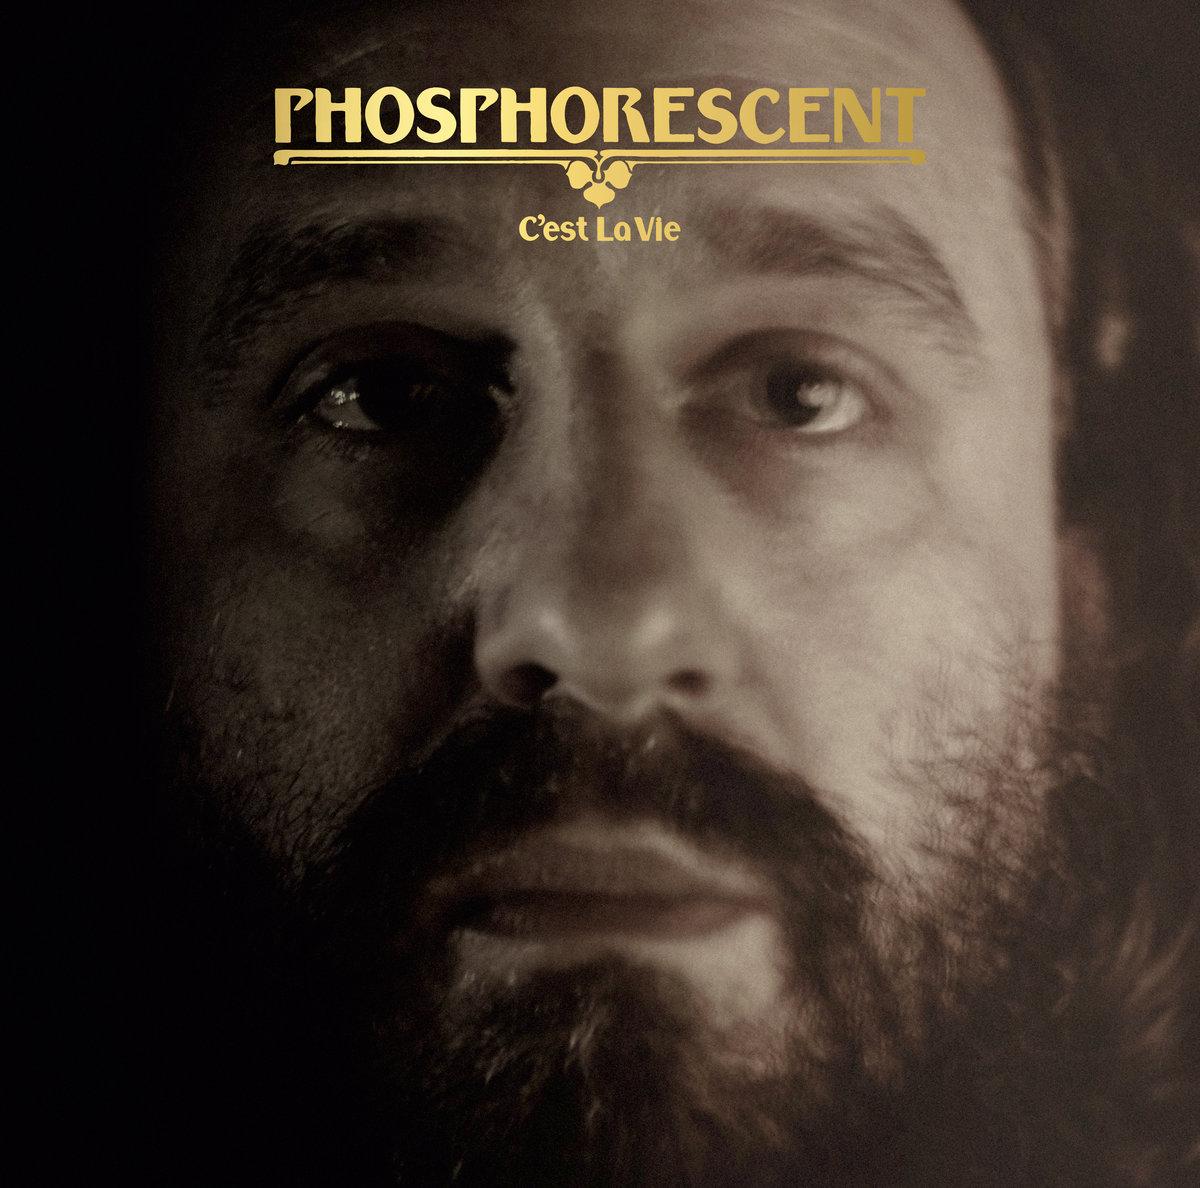 phosphorescent cest la vie stream album Phosphorescent premieres new album Cest La Vie: Stream